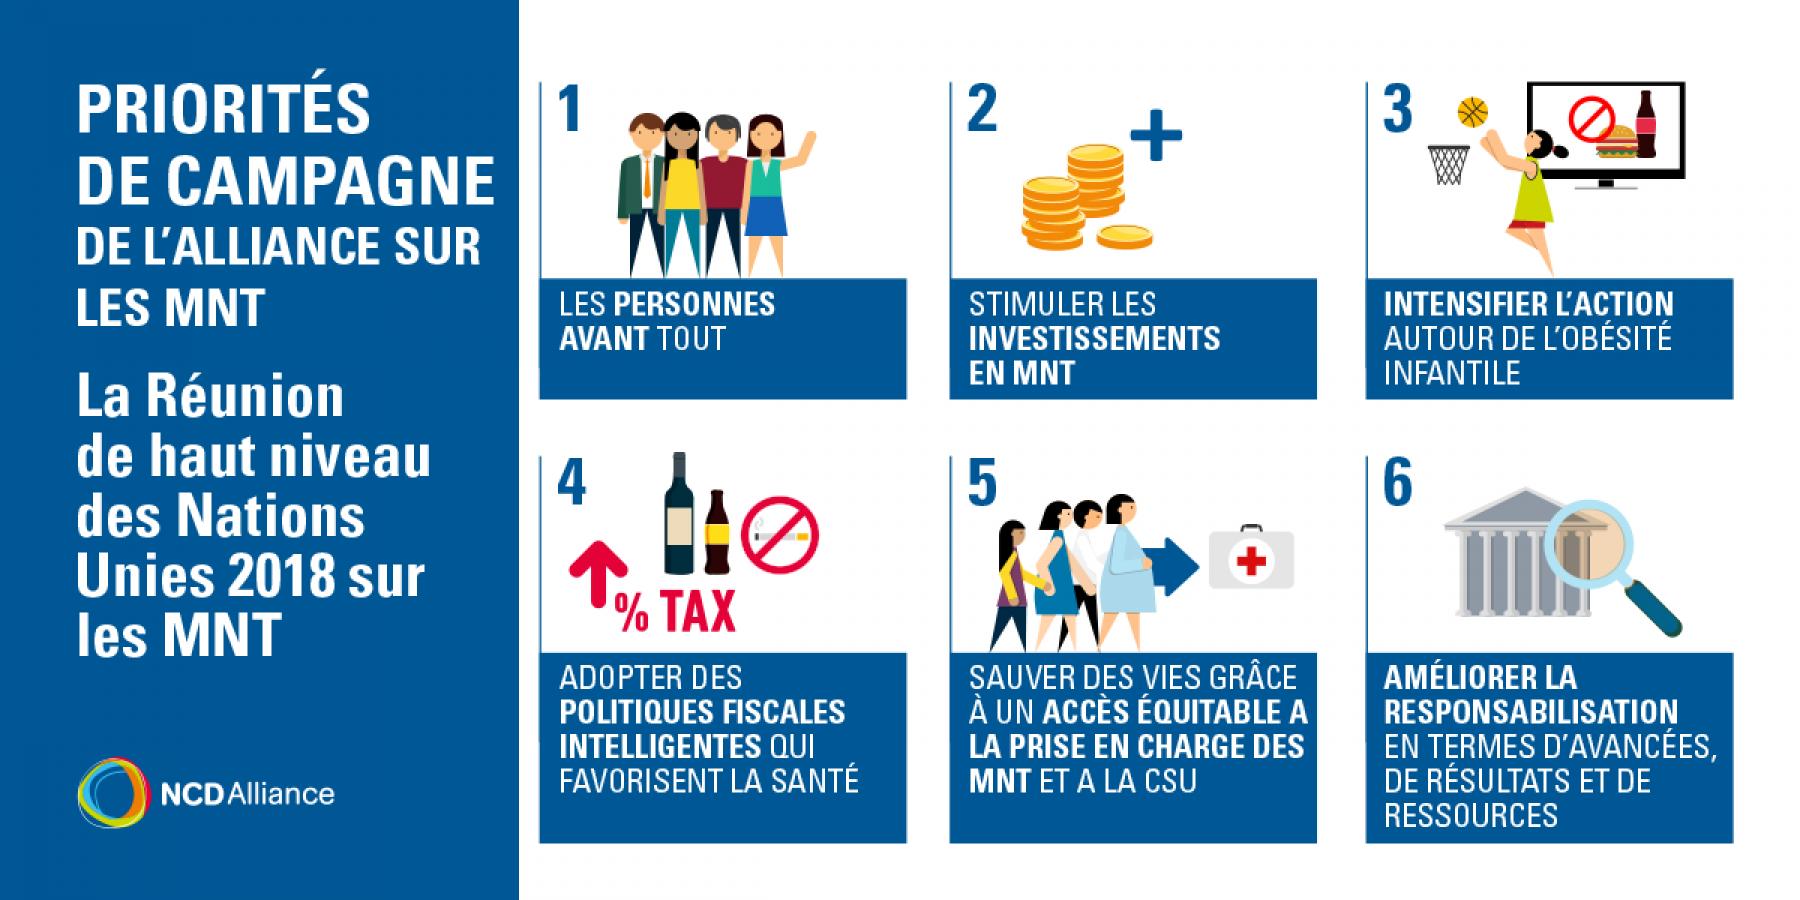 Infographique - Priorités de campagne   NCD Alliance c1fa90471885